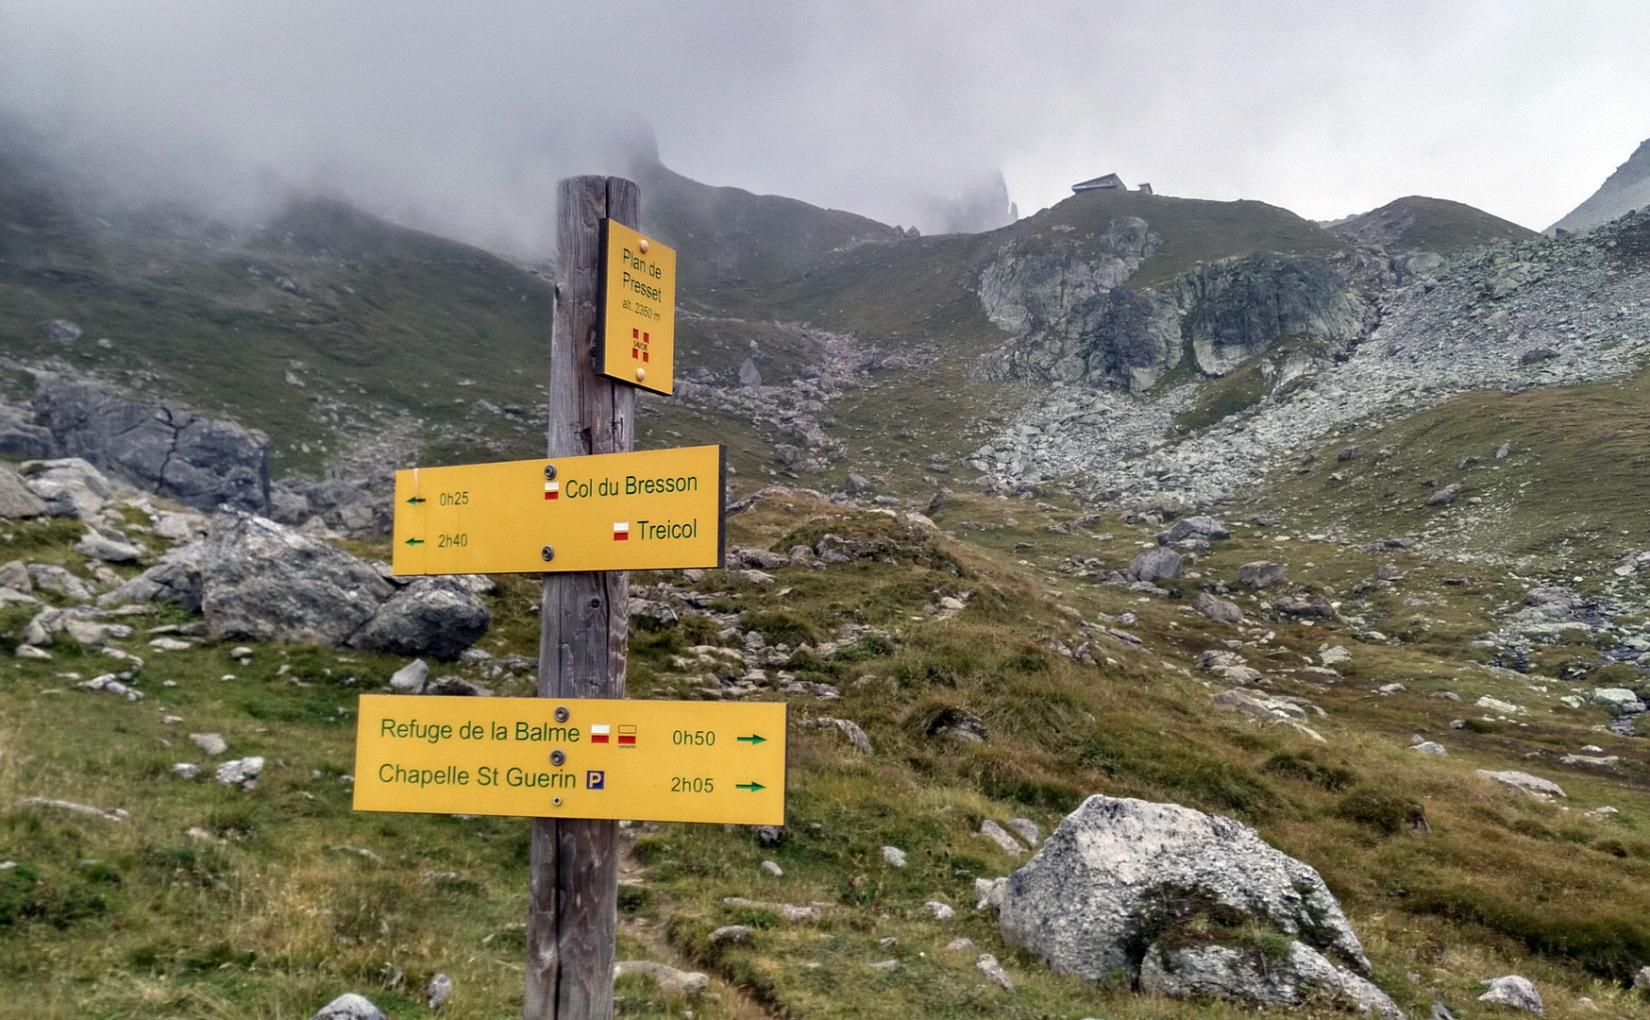 MT 10.9 Refuge de Presset > Aime-la-Plagne (Savoyen)